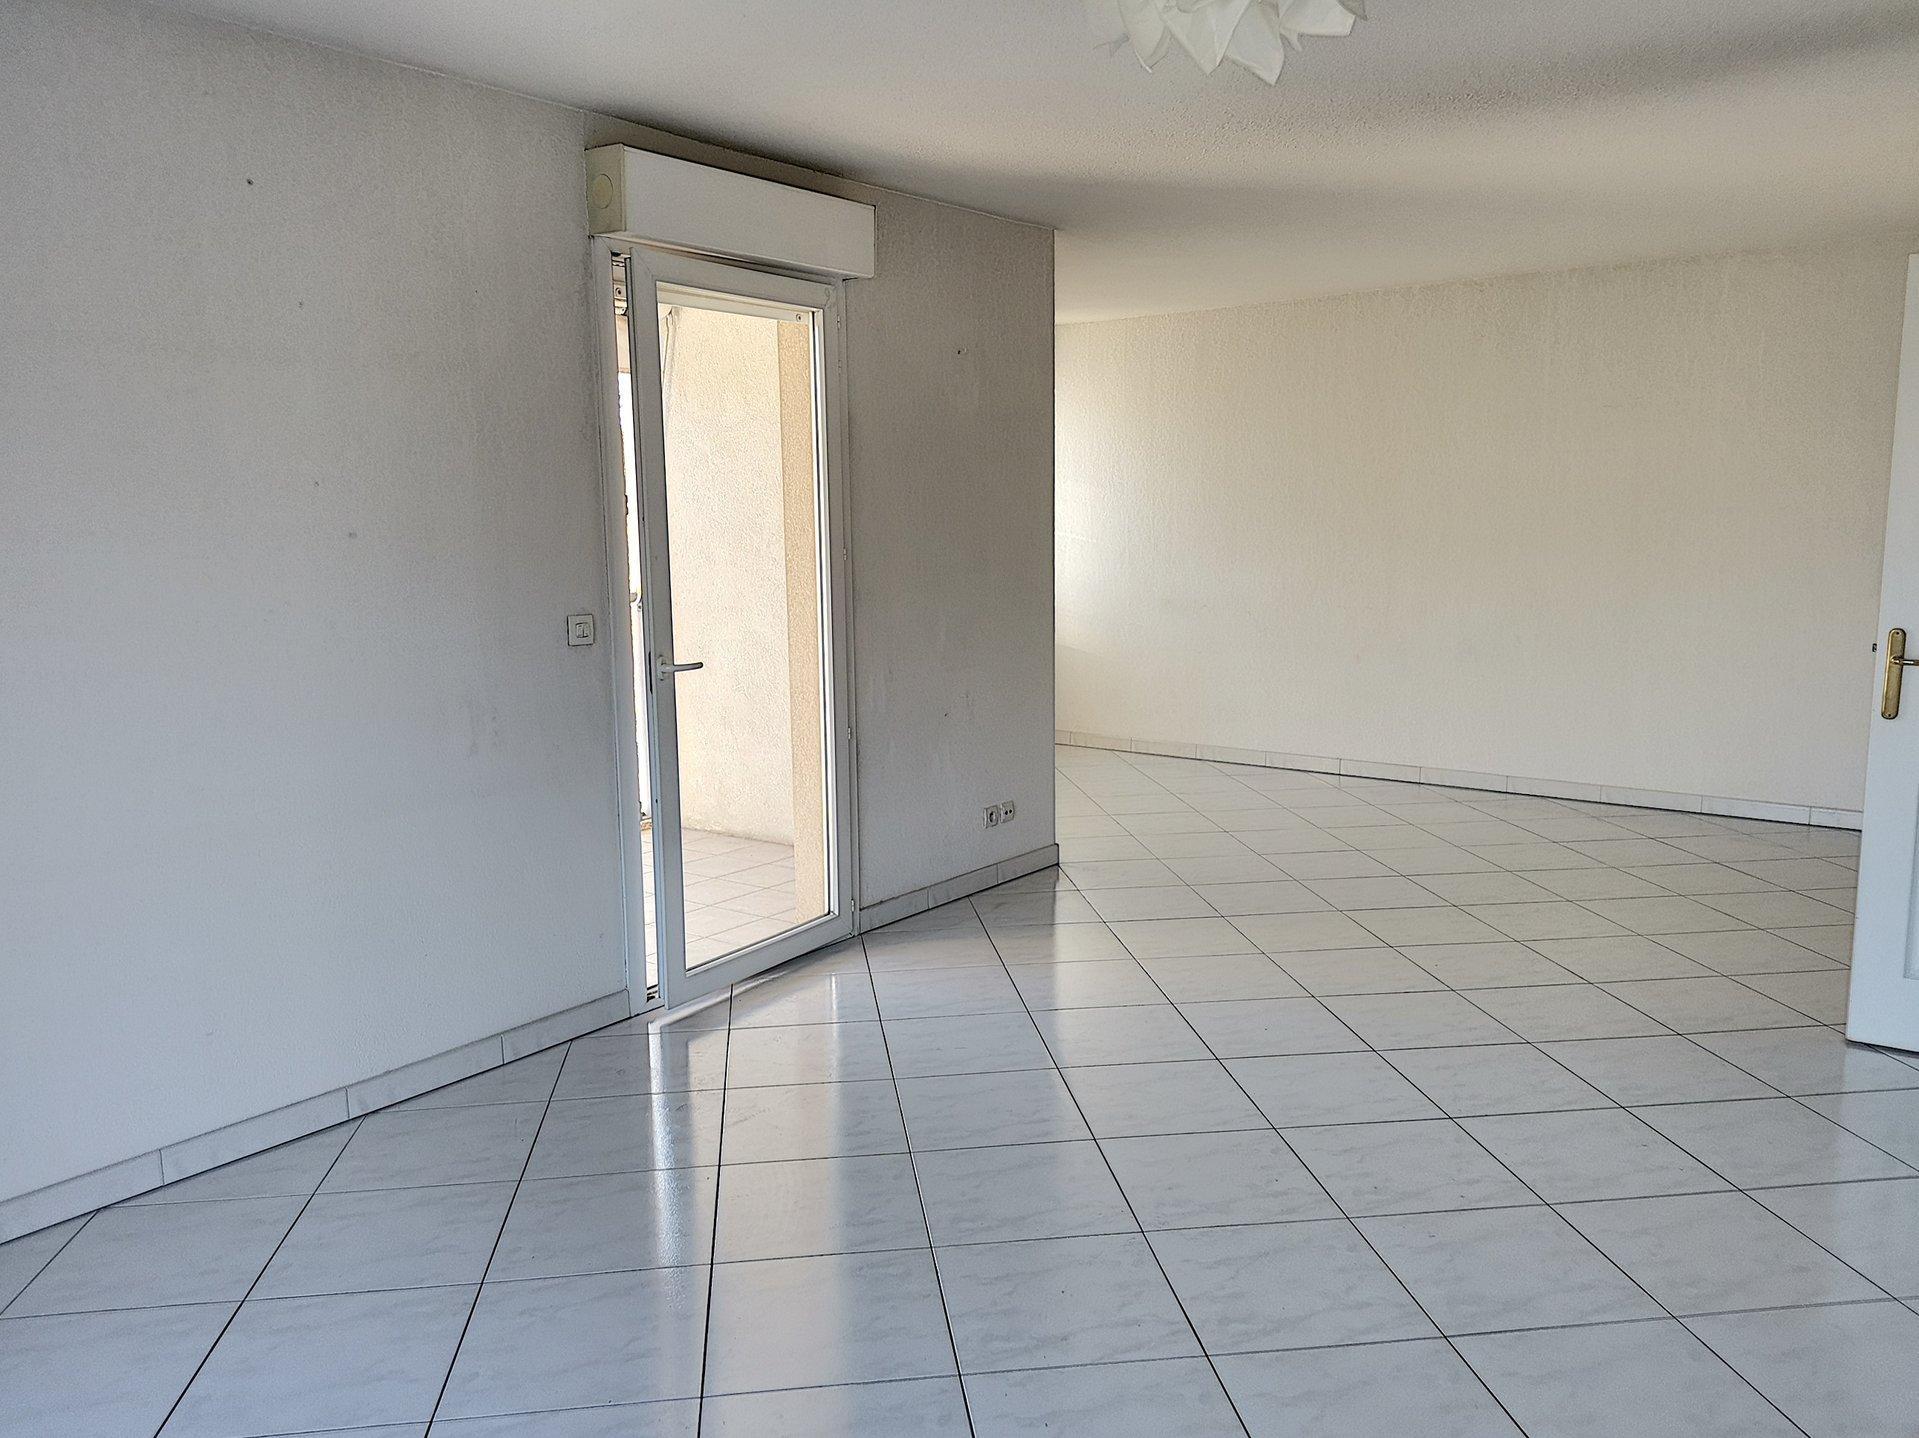 CAGNES SUR MER (06800) - Appartements 3P - TERRASSE - DOUBLE GARAGE